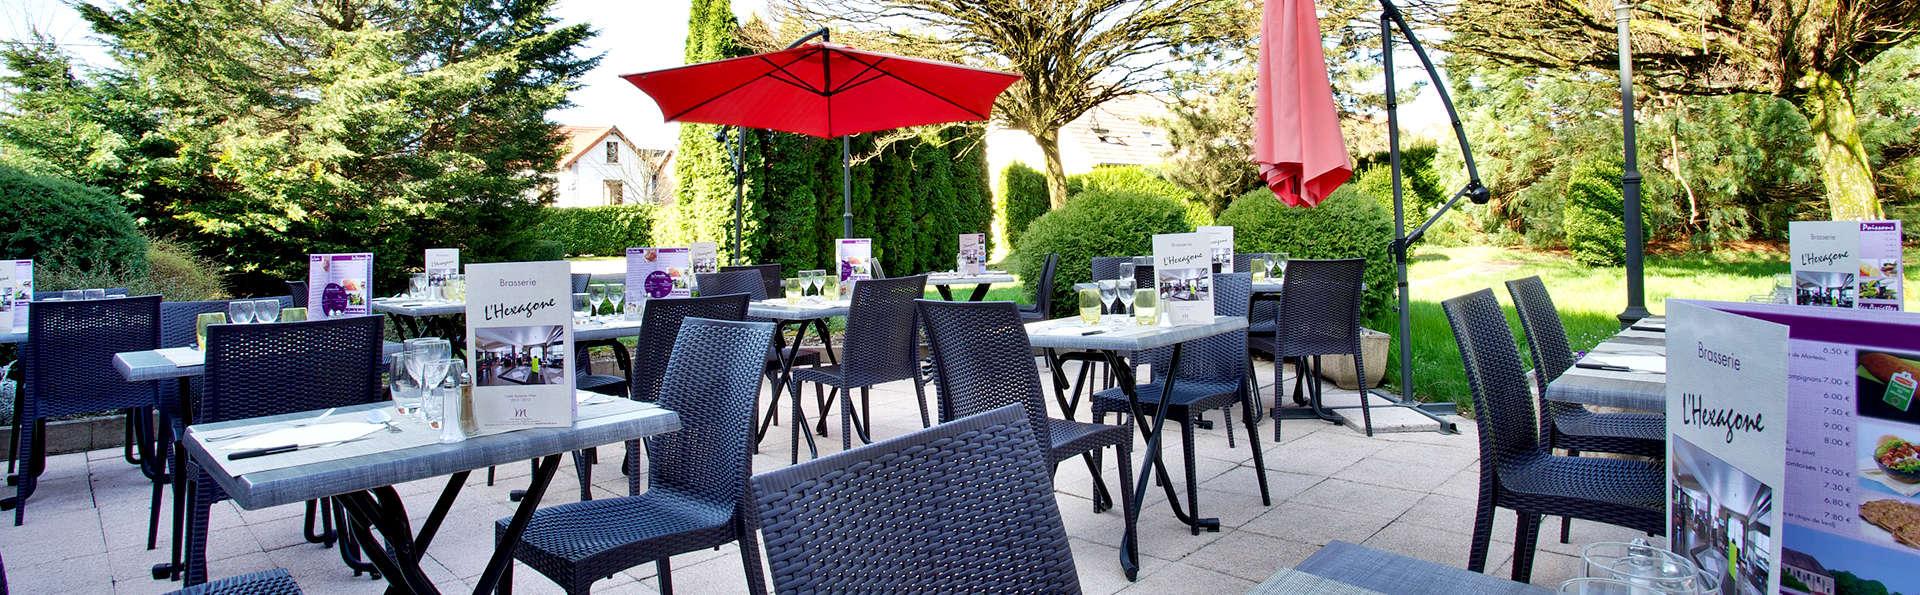 Dîner ou déjeuner au cœur des Vosges, à Luxeuil-les-Bains (à partir de 2 nuits)